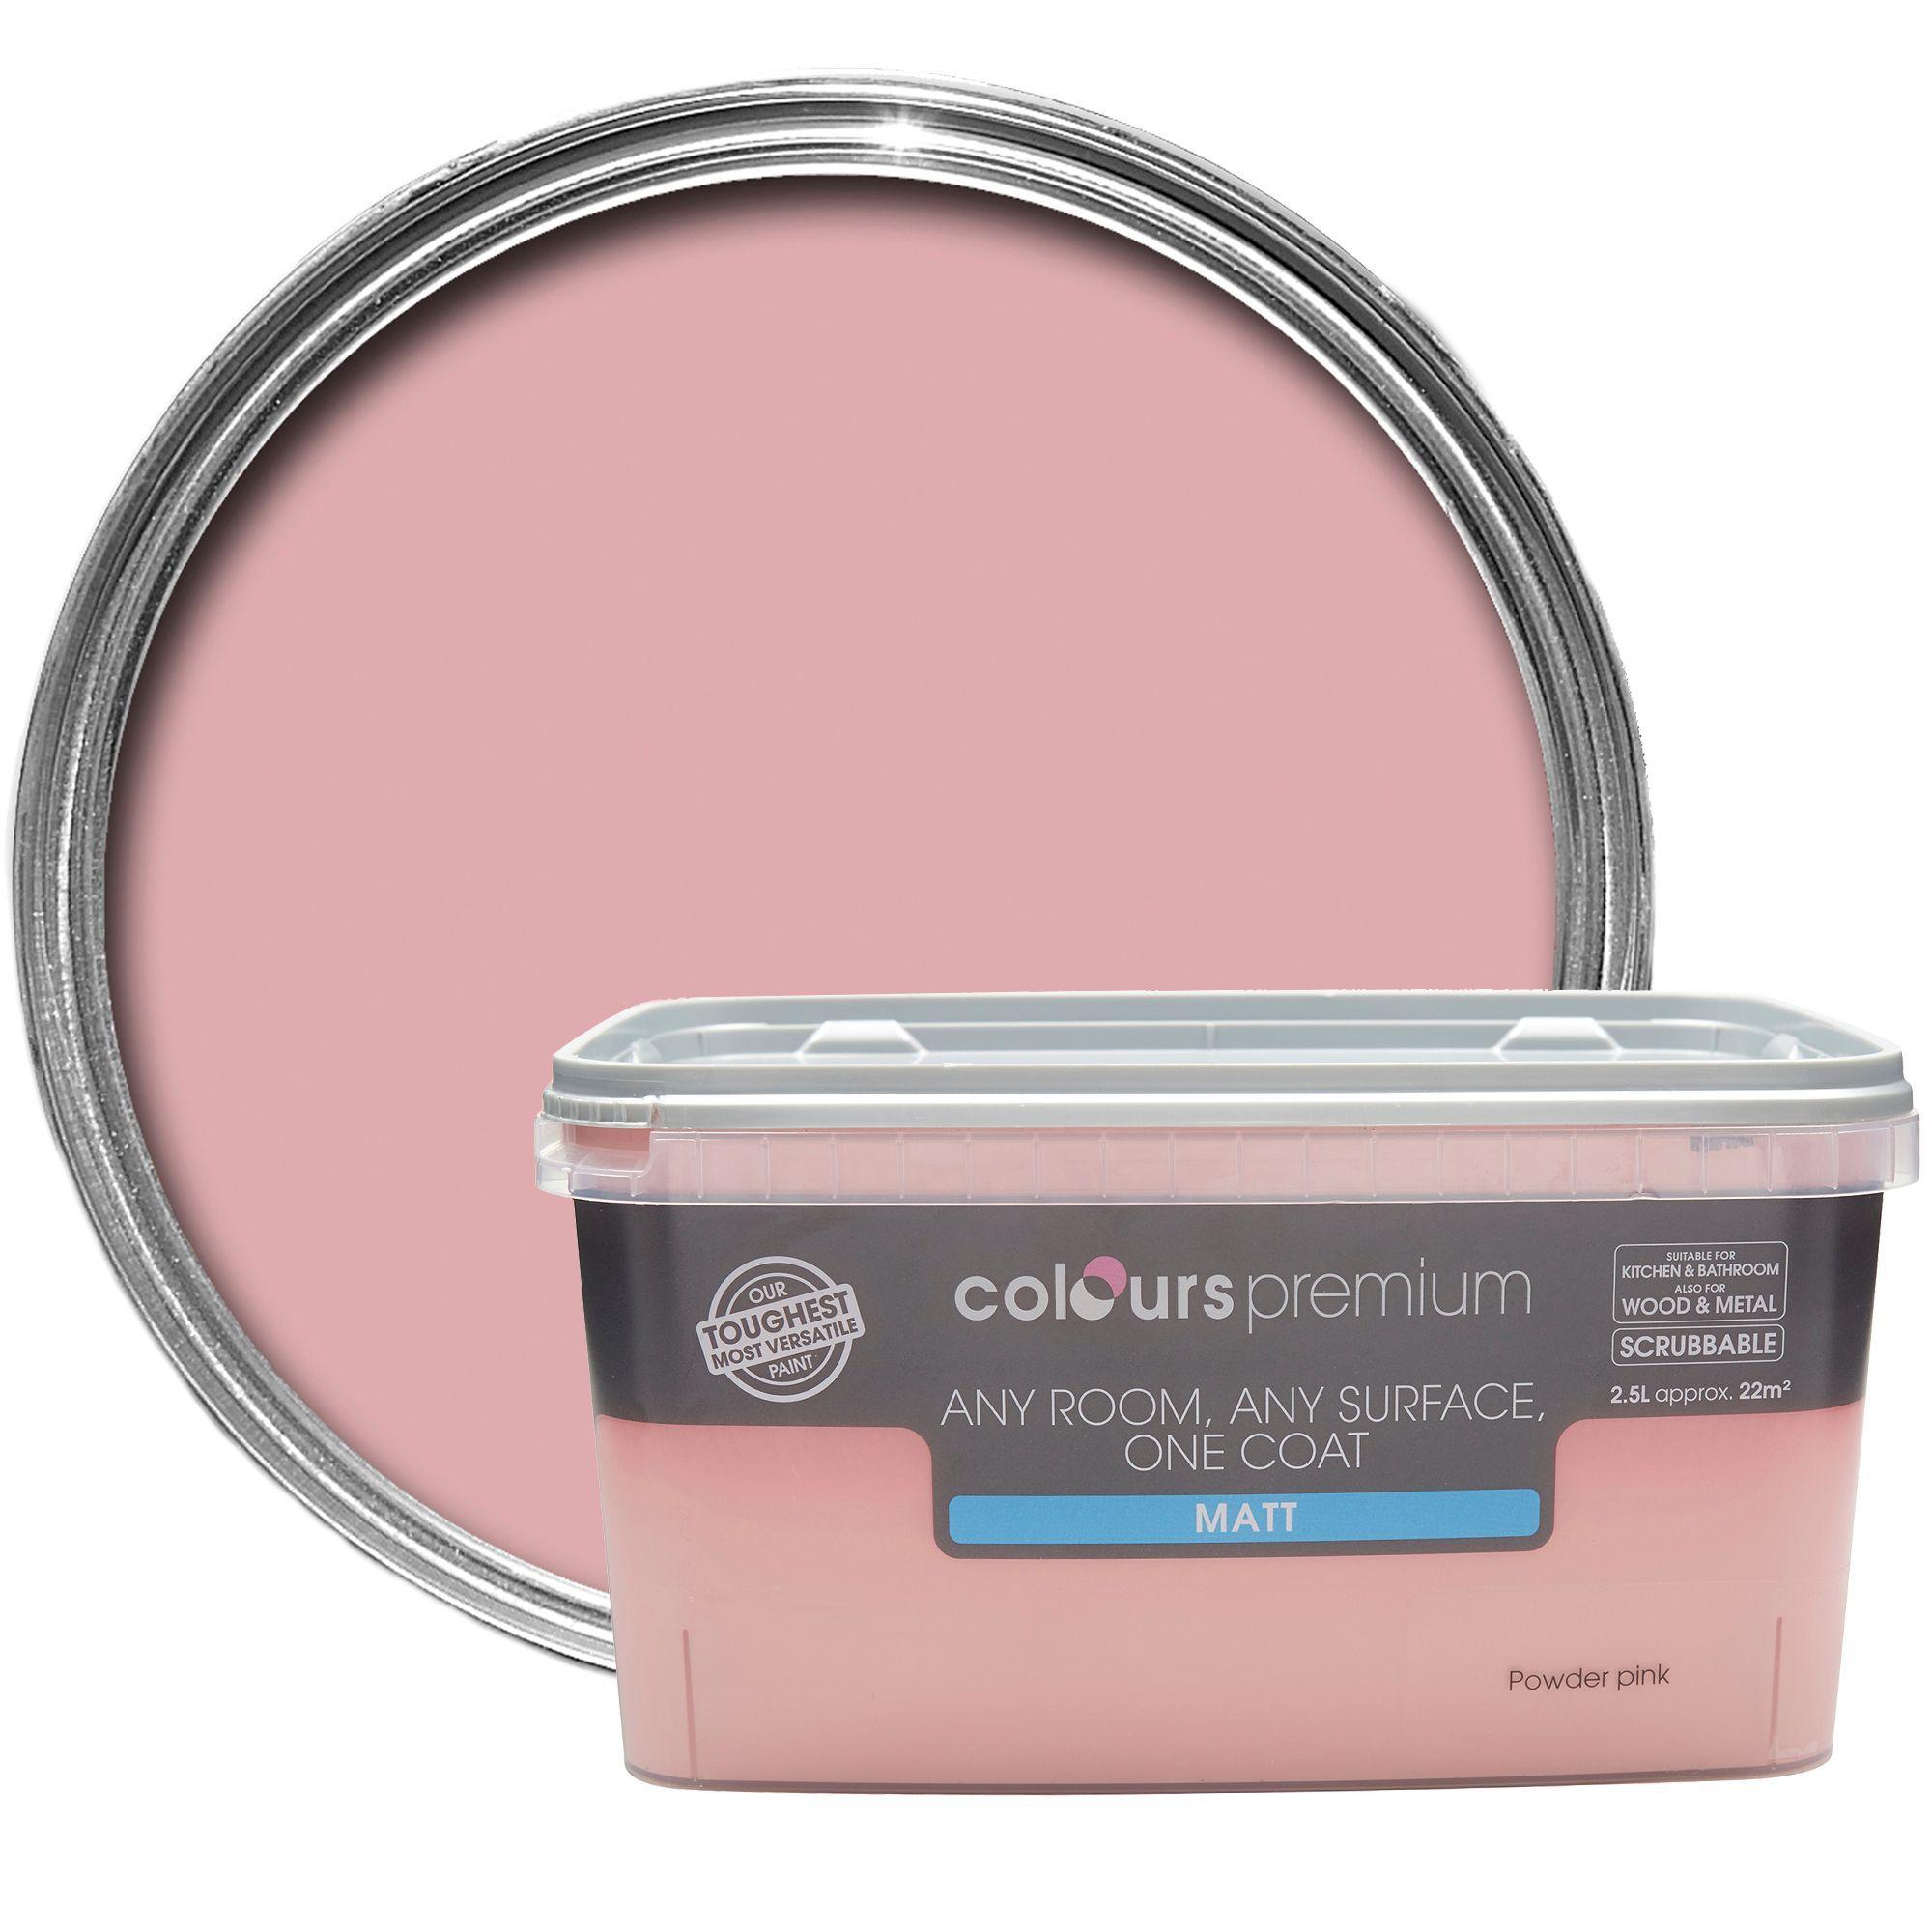 Colours Premium Powder Pink Matt Emulsion Paint 2 5l